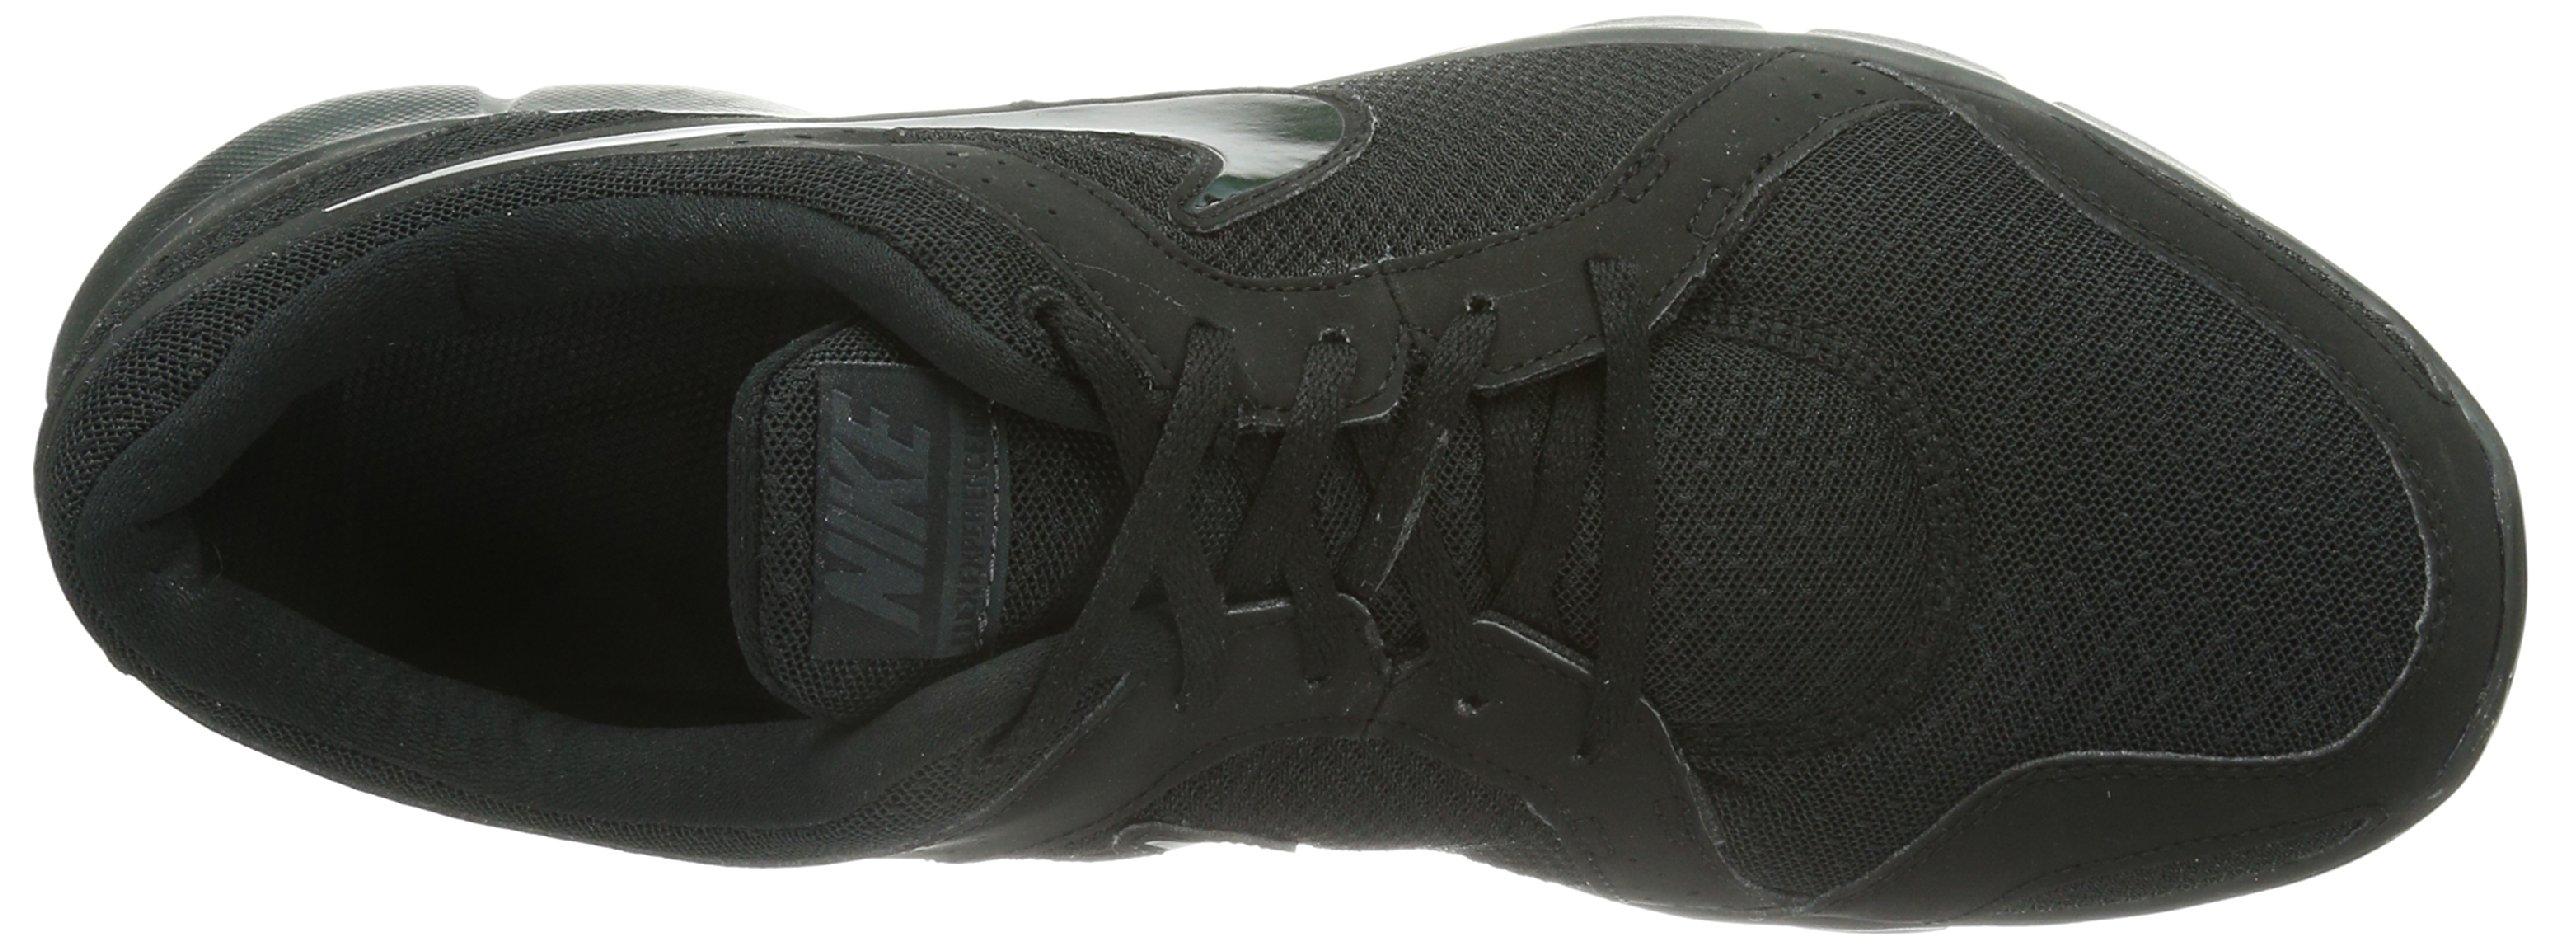 81JECPflN8L - Nike Women's sneakers